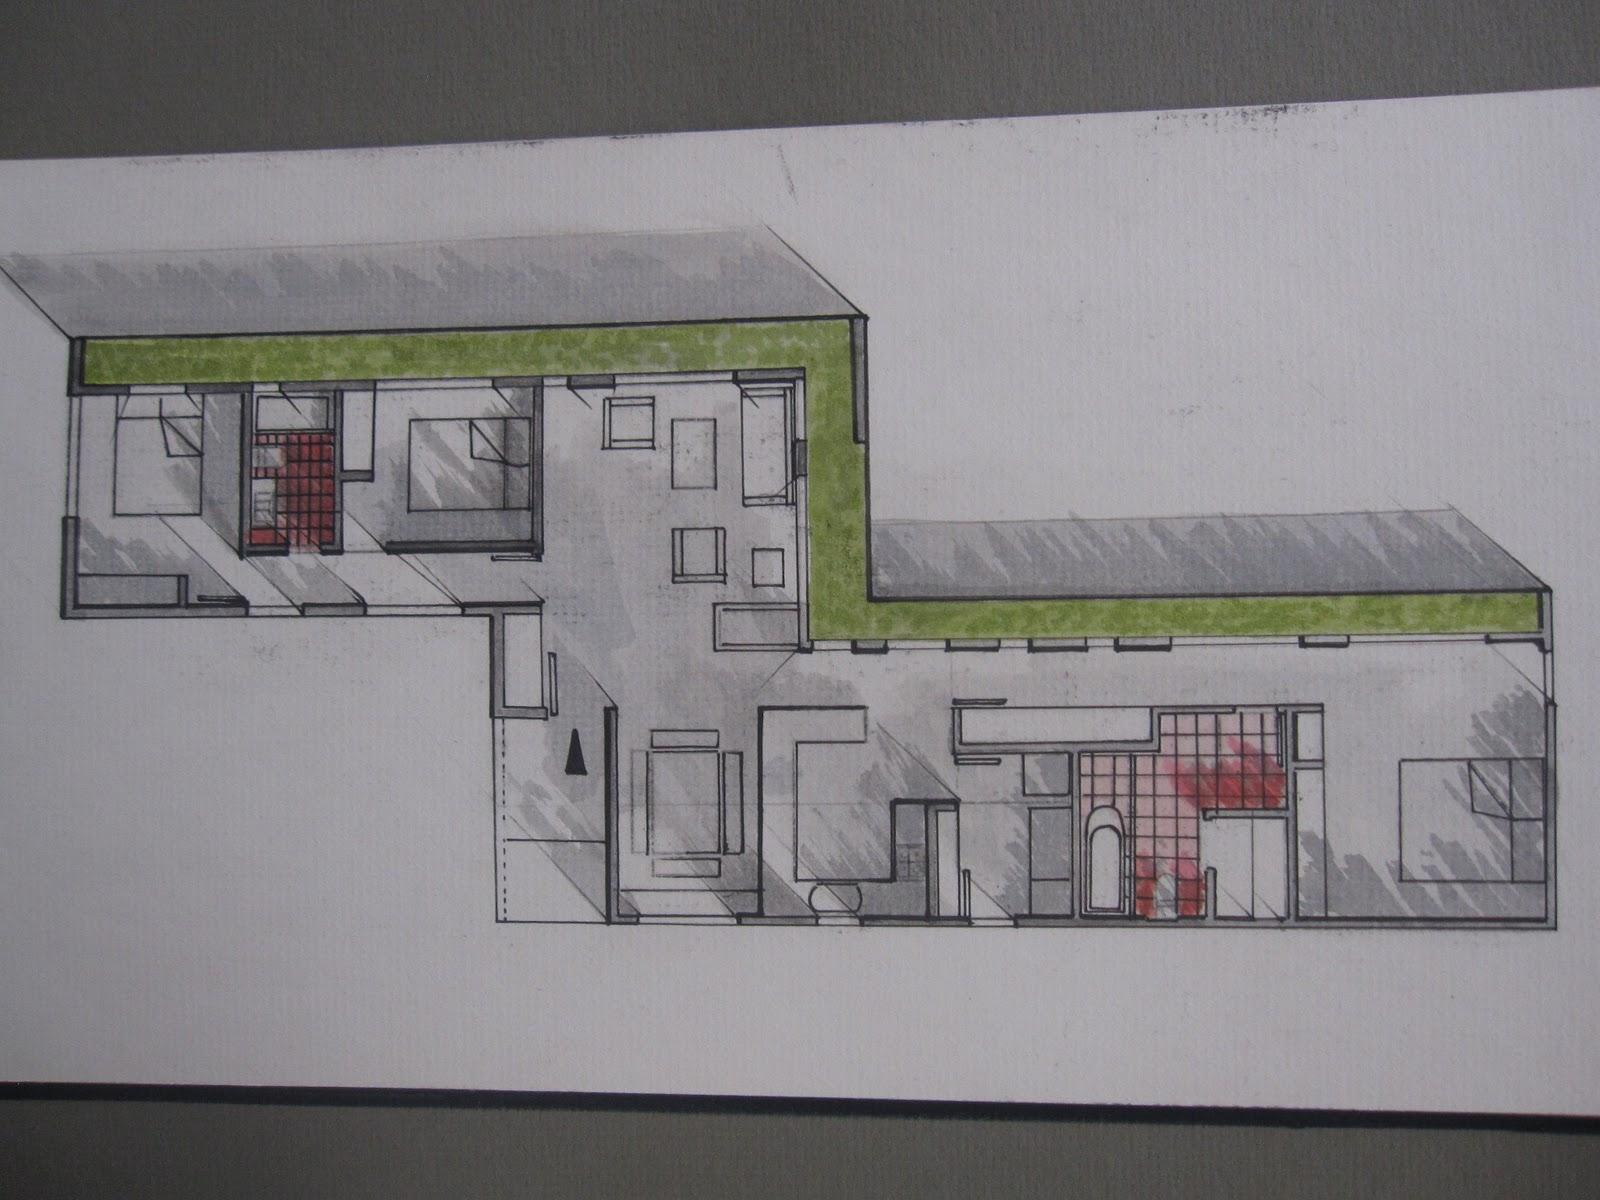 Universidad tecnol gica equinoccial trabajos de expresi n for Cortes arquitectonicos